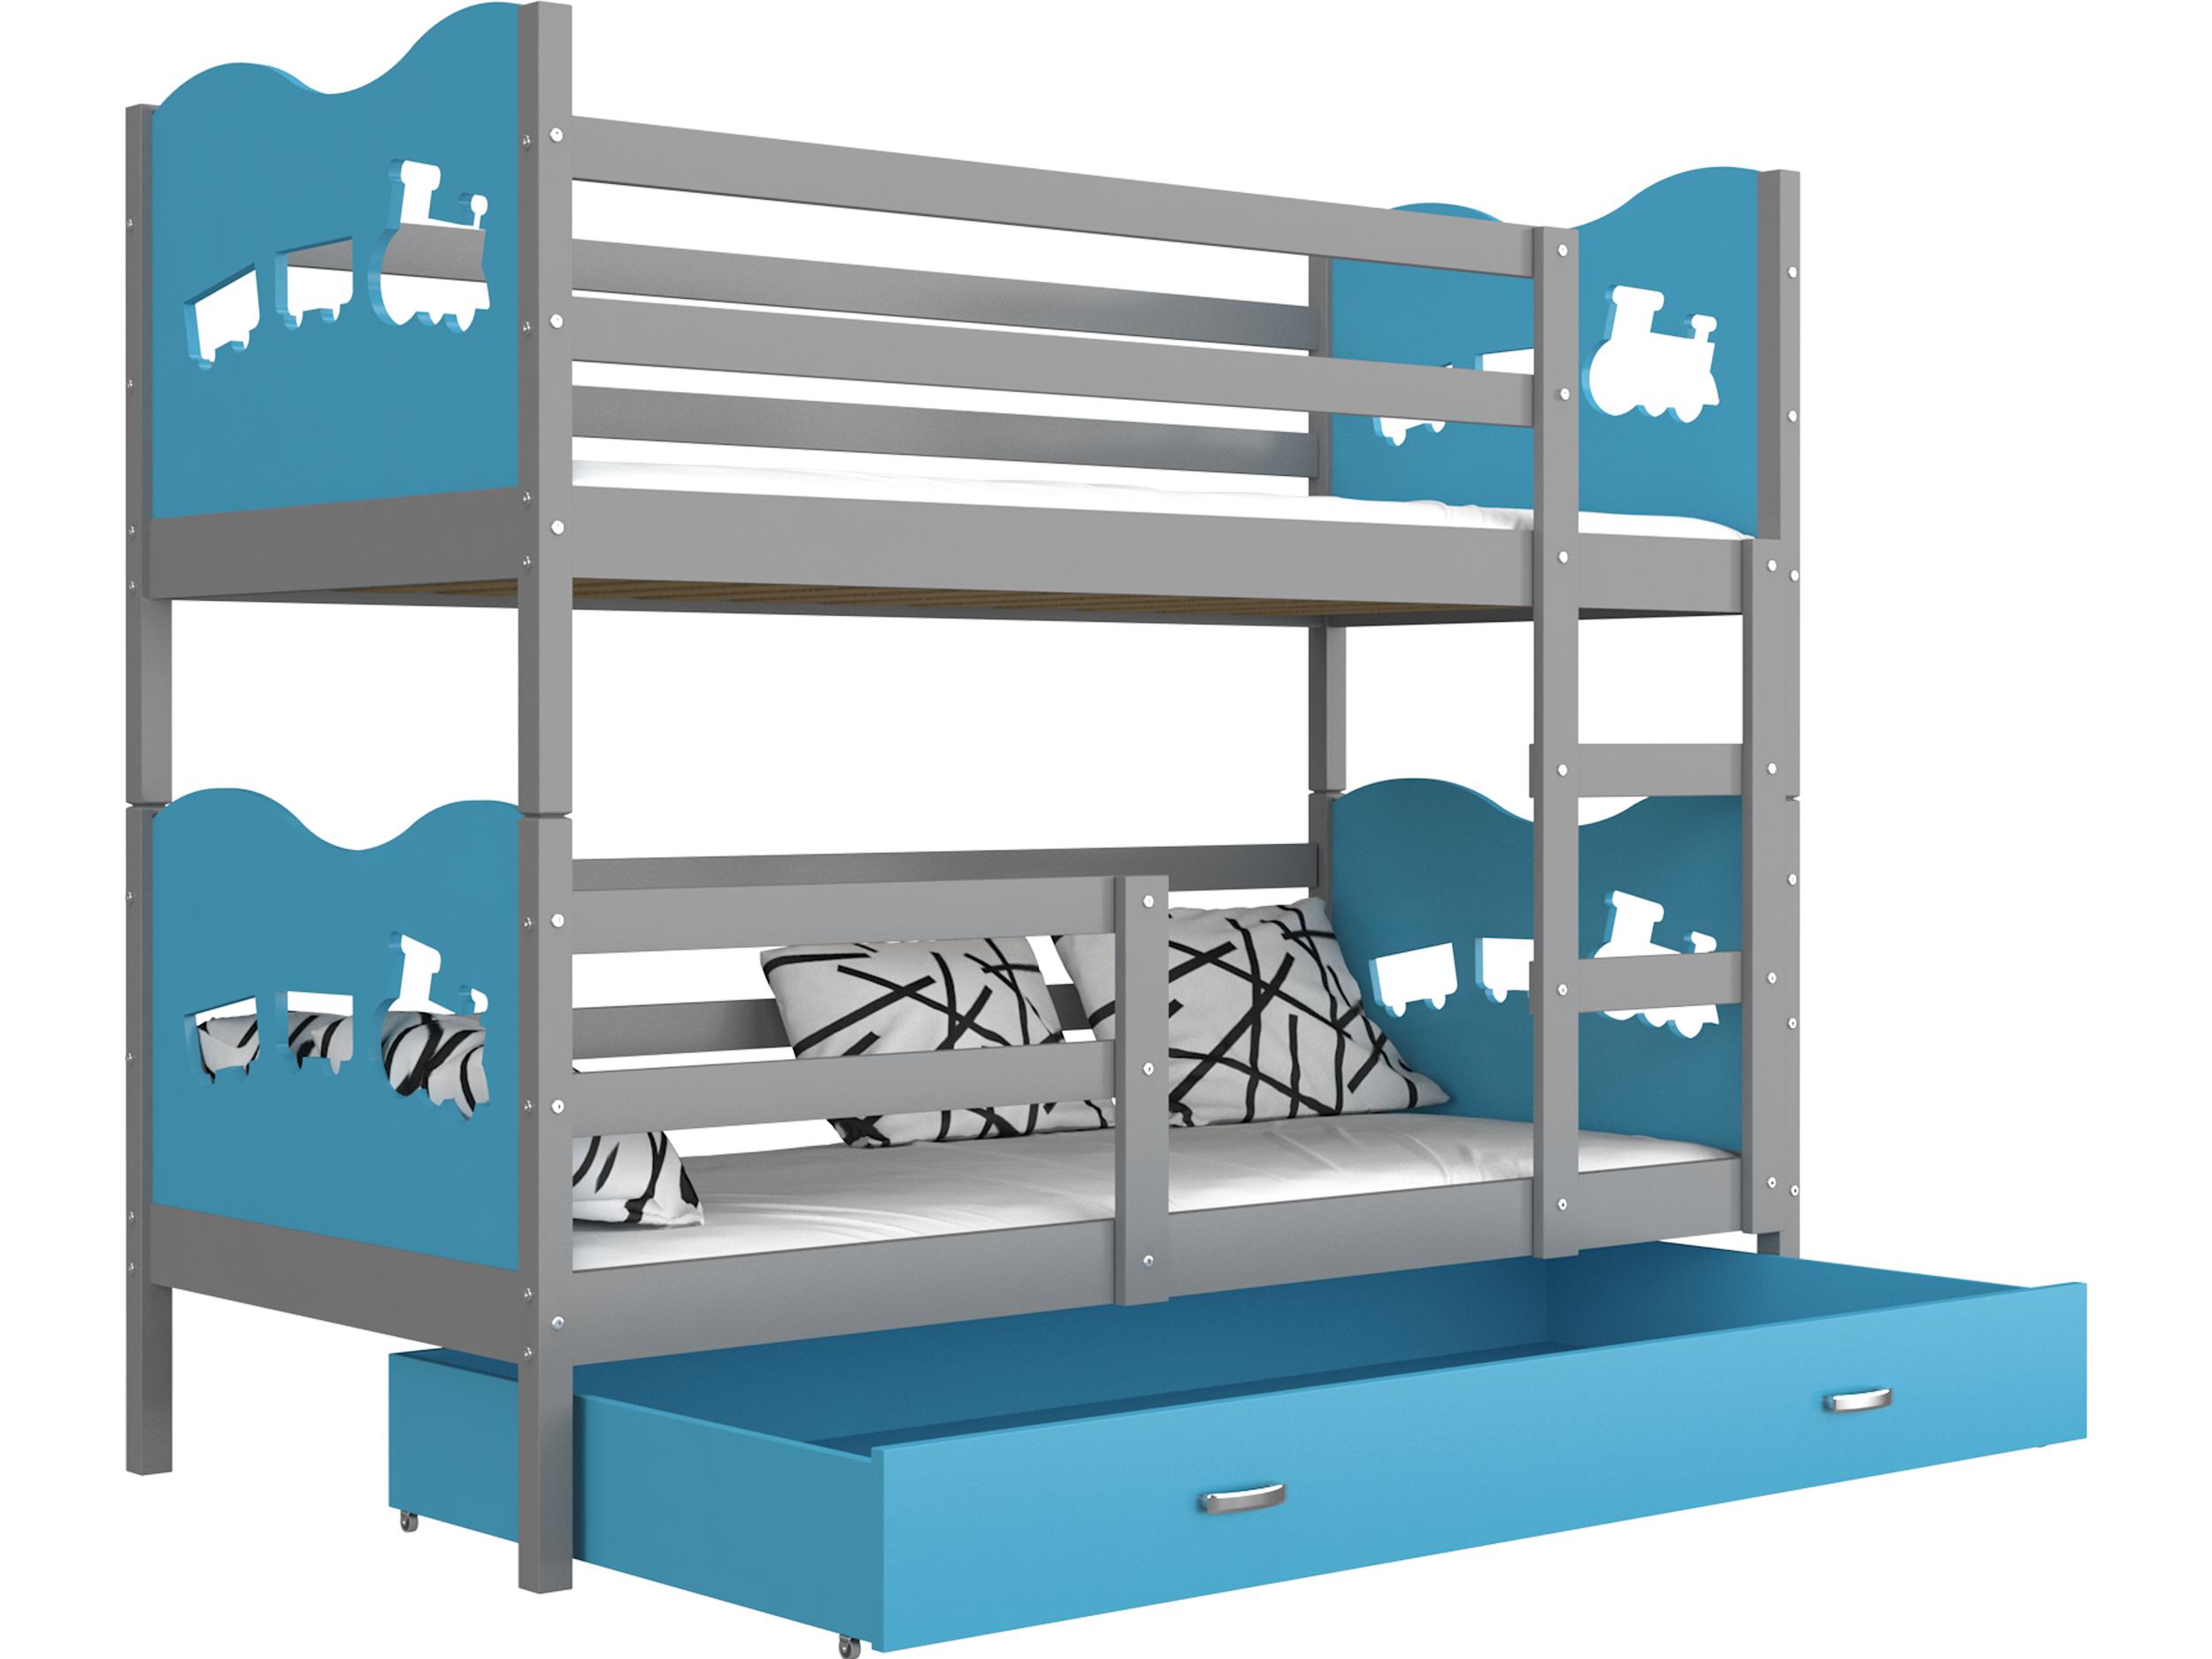 ArtAJ Detská poschodová posteľ MAX / MDF 160 x 80 cm Farba: Sivá / Modrá, Prevedenie: bez matraca 160 x 80 cm